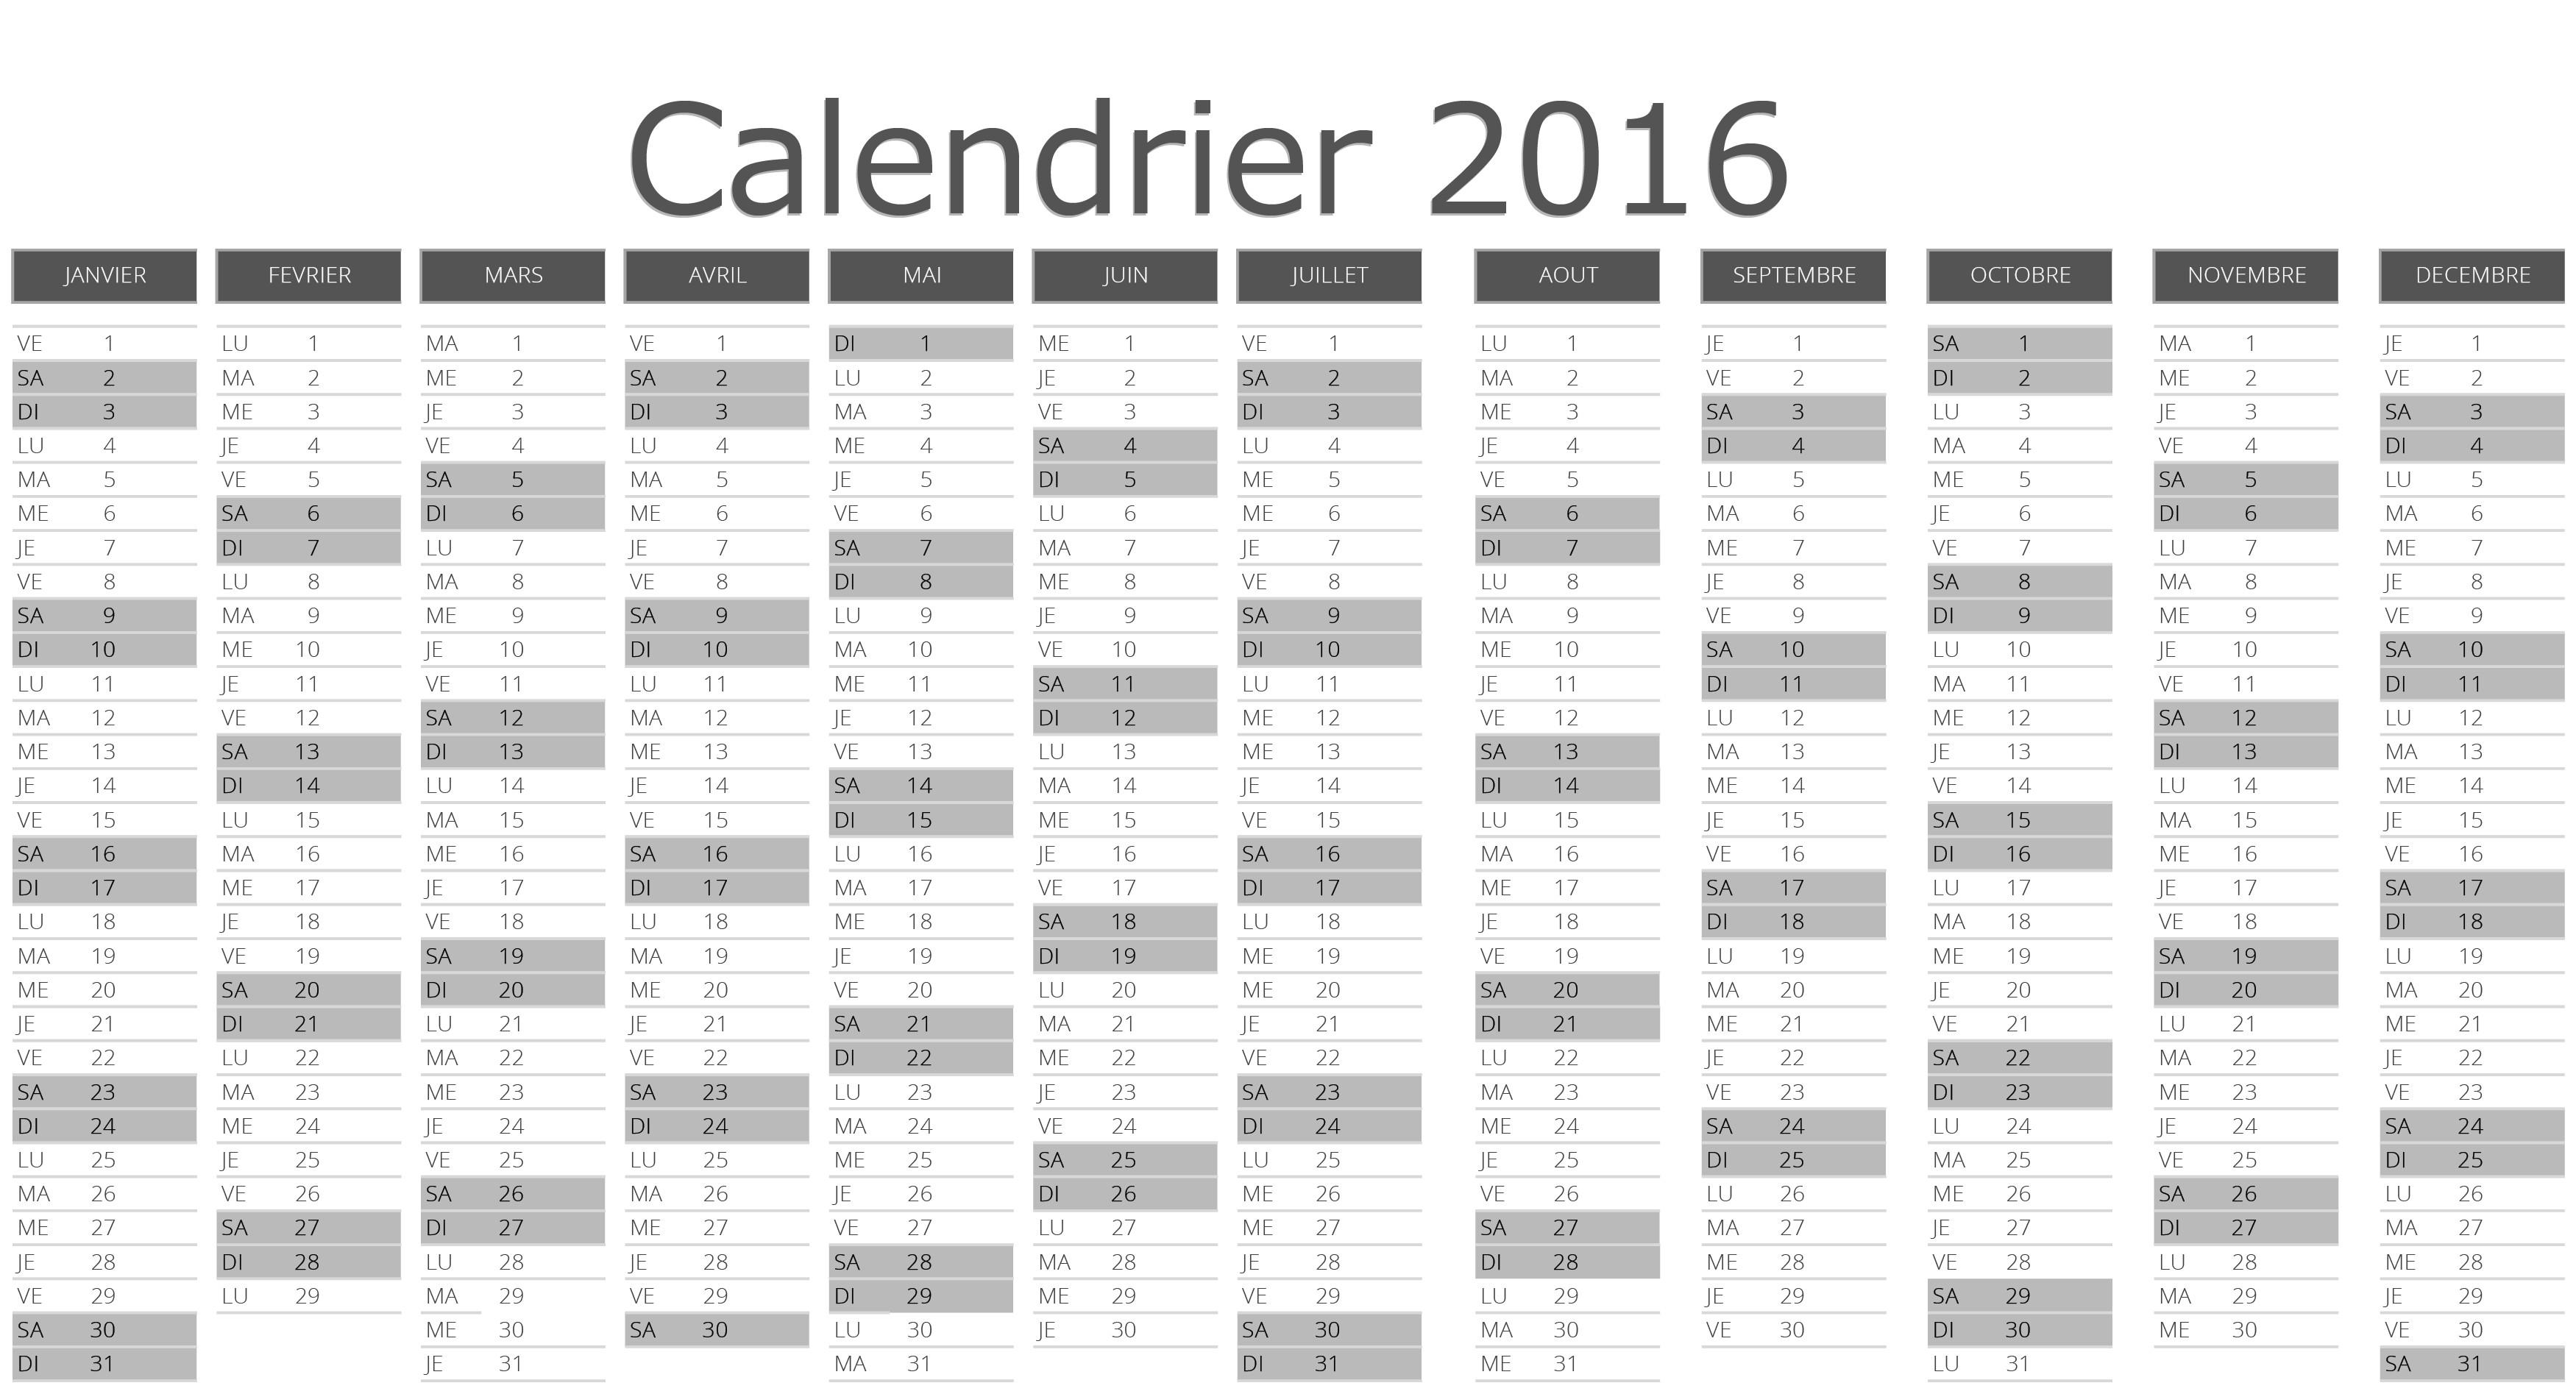 Calendario Para Imprimir Abril De 2019 Más Recientemente Liberado 2019 2018 Calendar Printable with Holidays List Kalender Kalendar Of Calendario Para Imprimir Abril De 2019 Más Actual Calendario 2018 Con Festivos